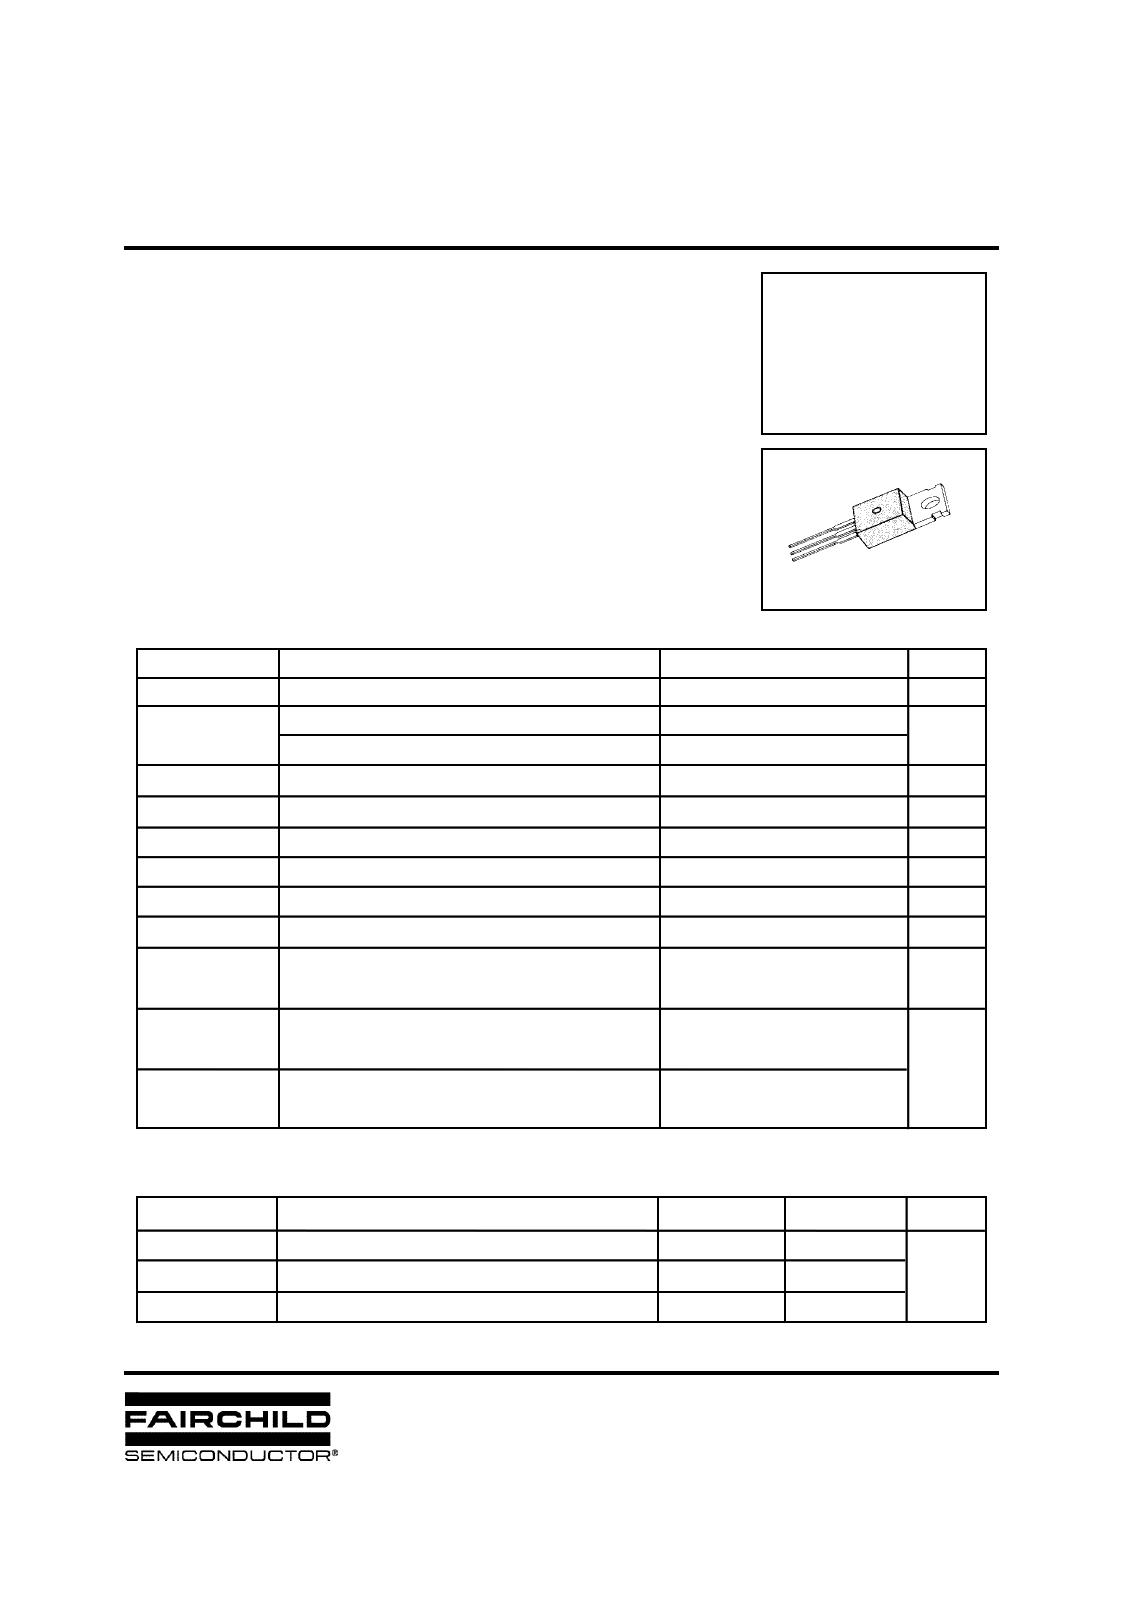 SFP9540 u0434u0430u0442u0430u0448u0438u0442 PDF.